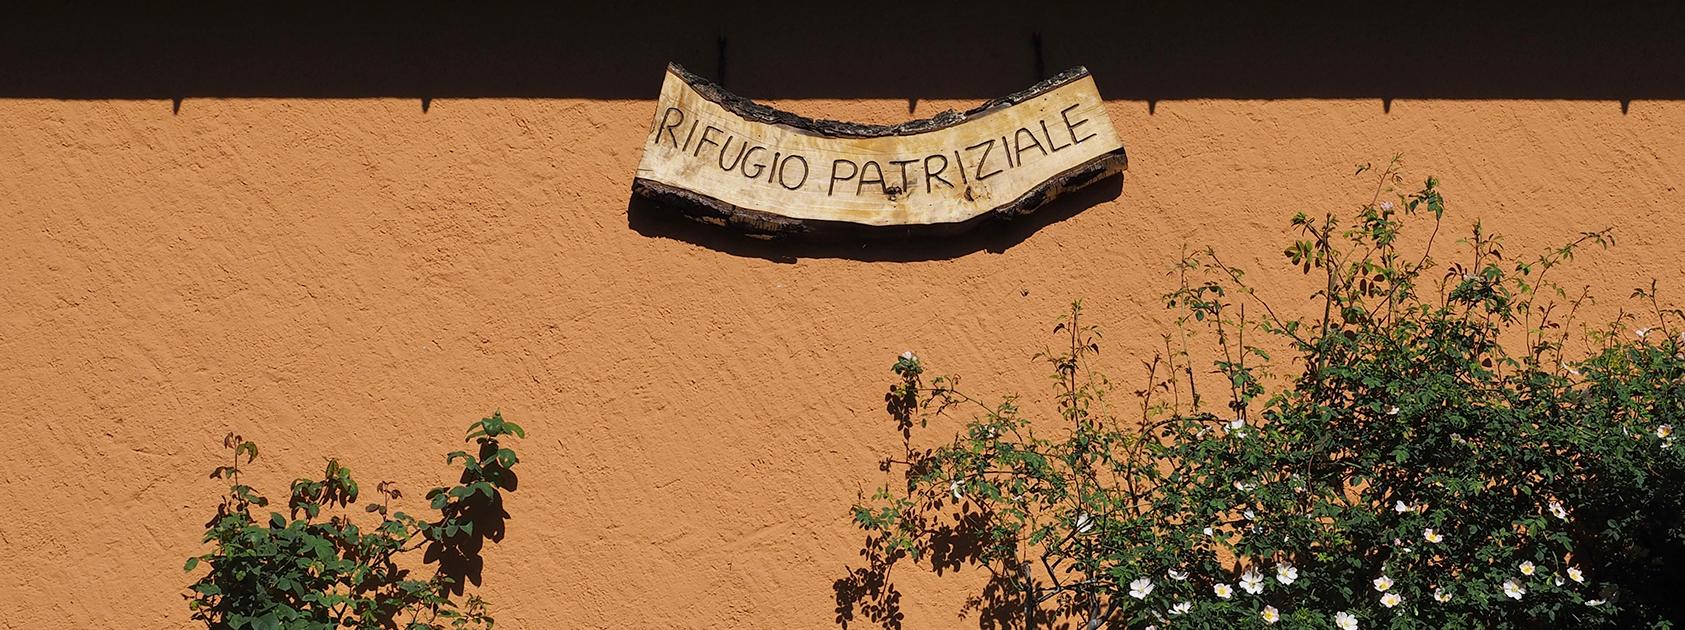 Ronco sopra Ascona Ticino Patriziato